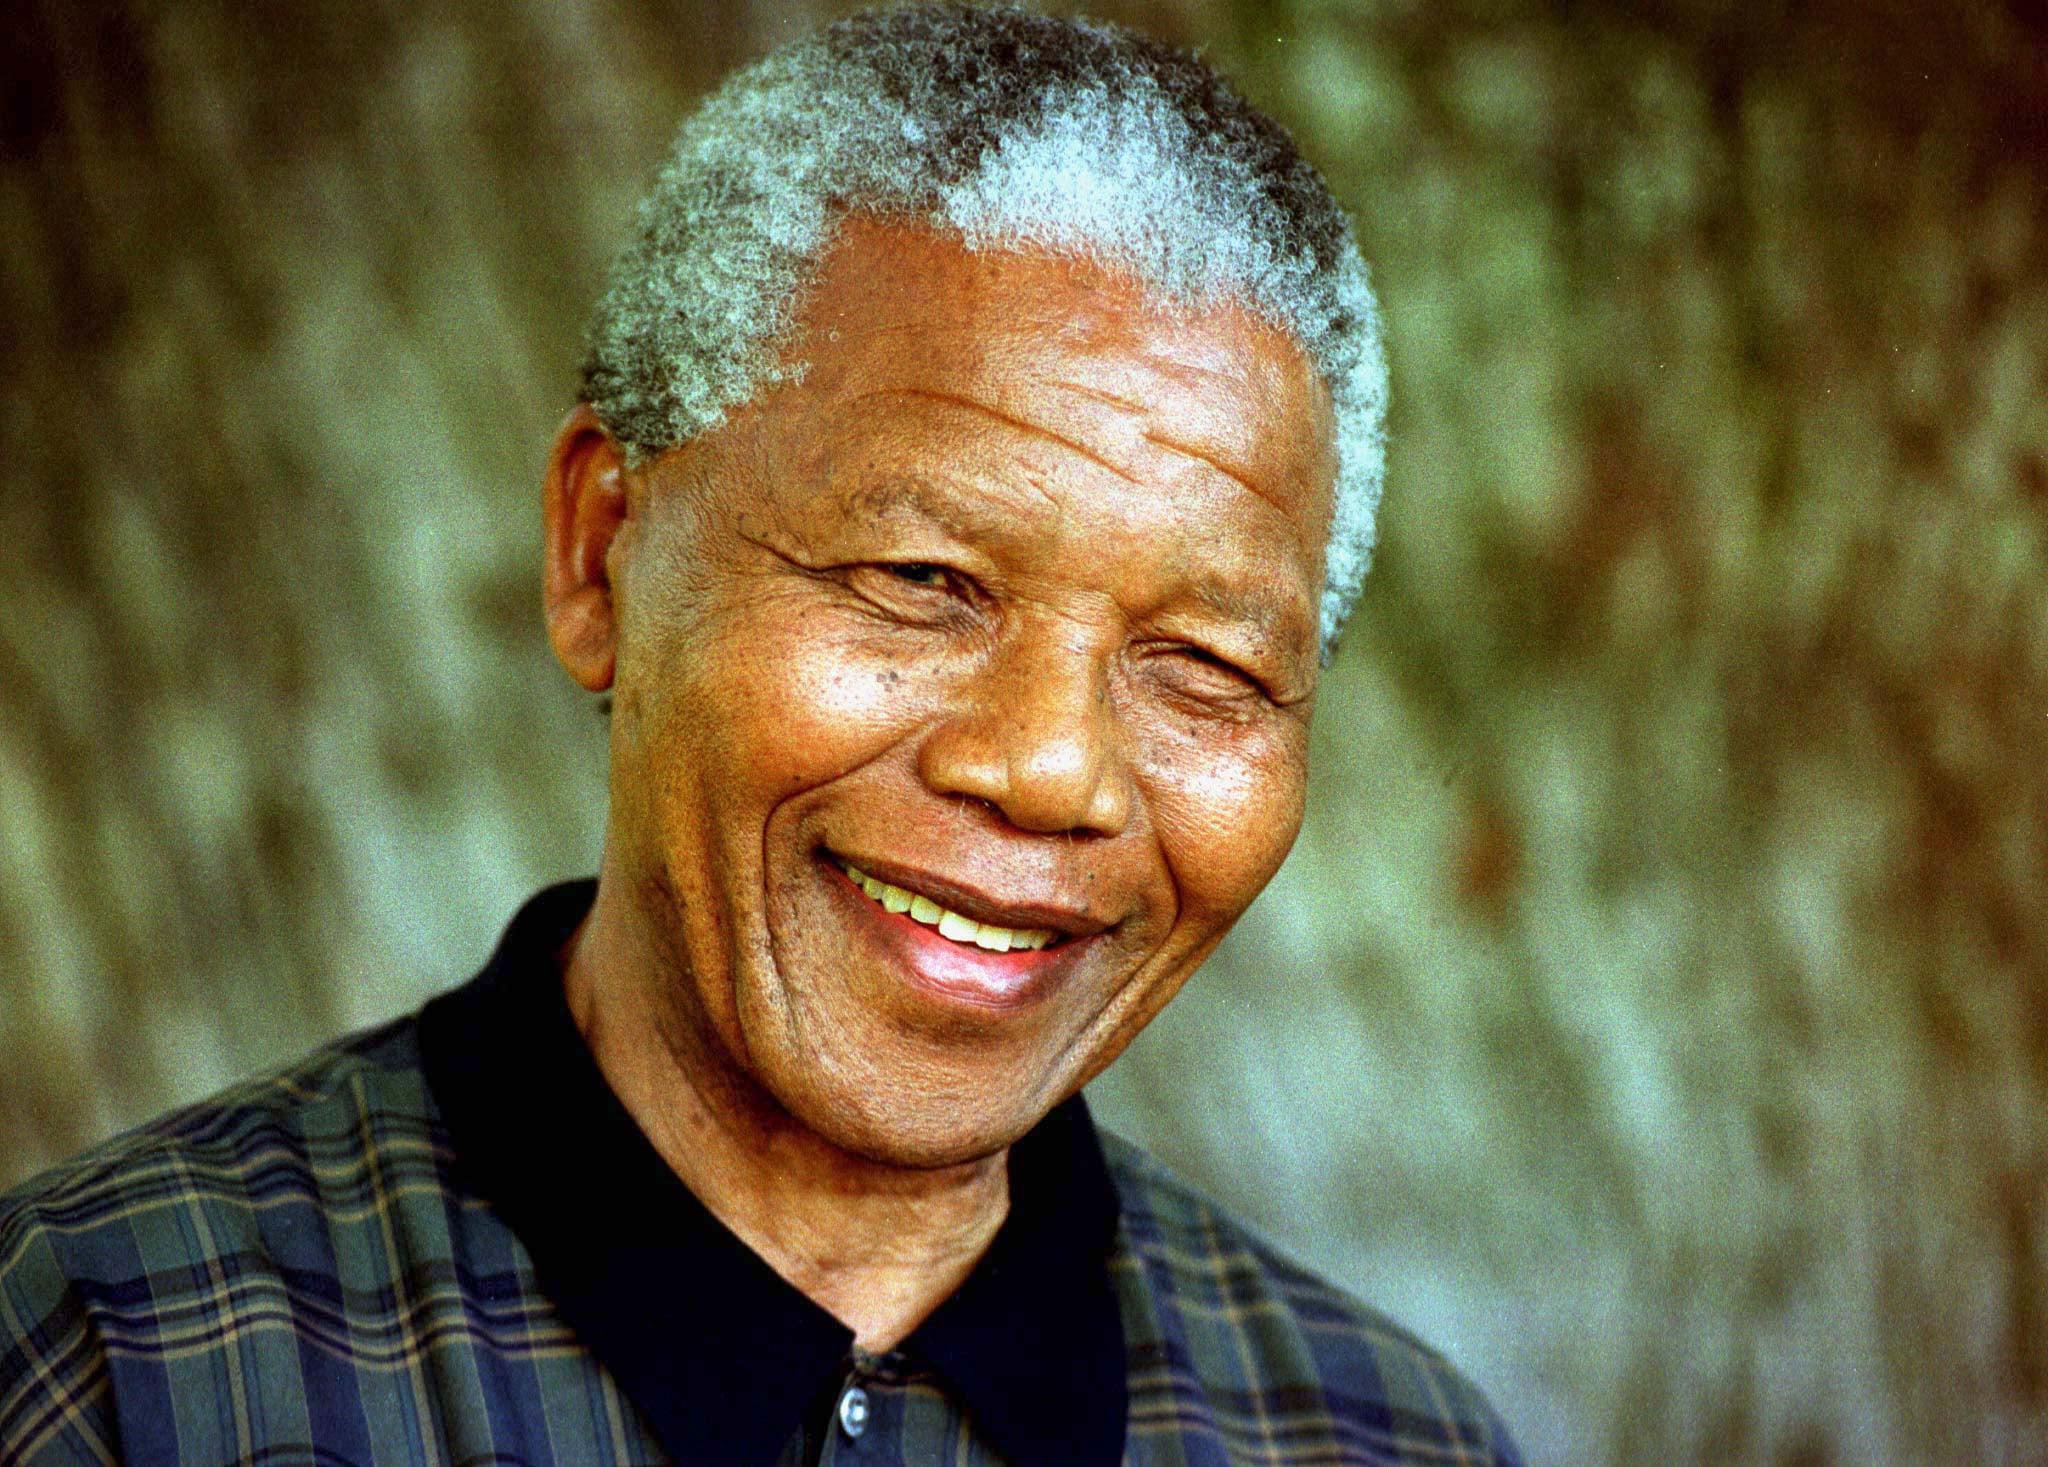 Lyudi-izmenivshie-mir-interesnyefakty.org-Nelson-Mandela